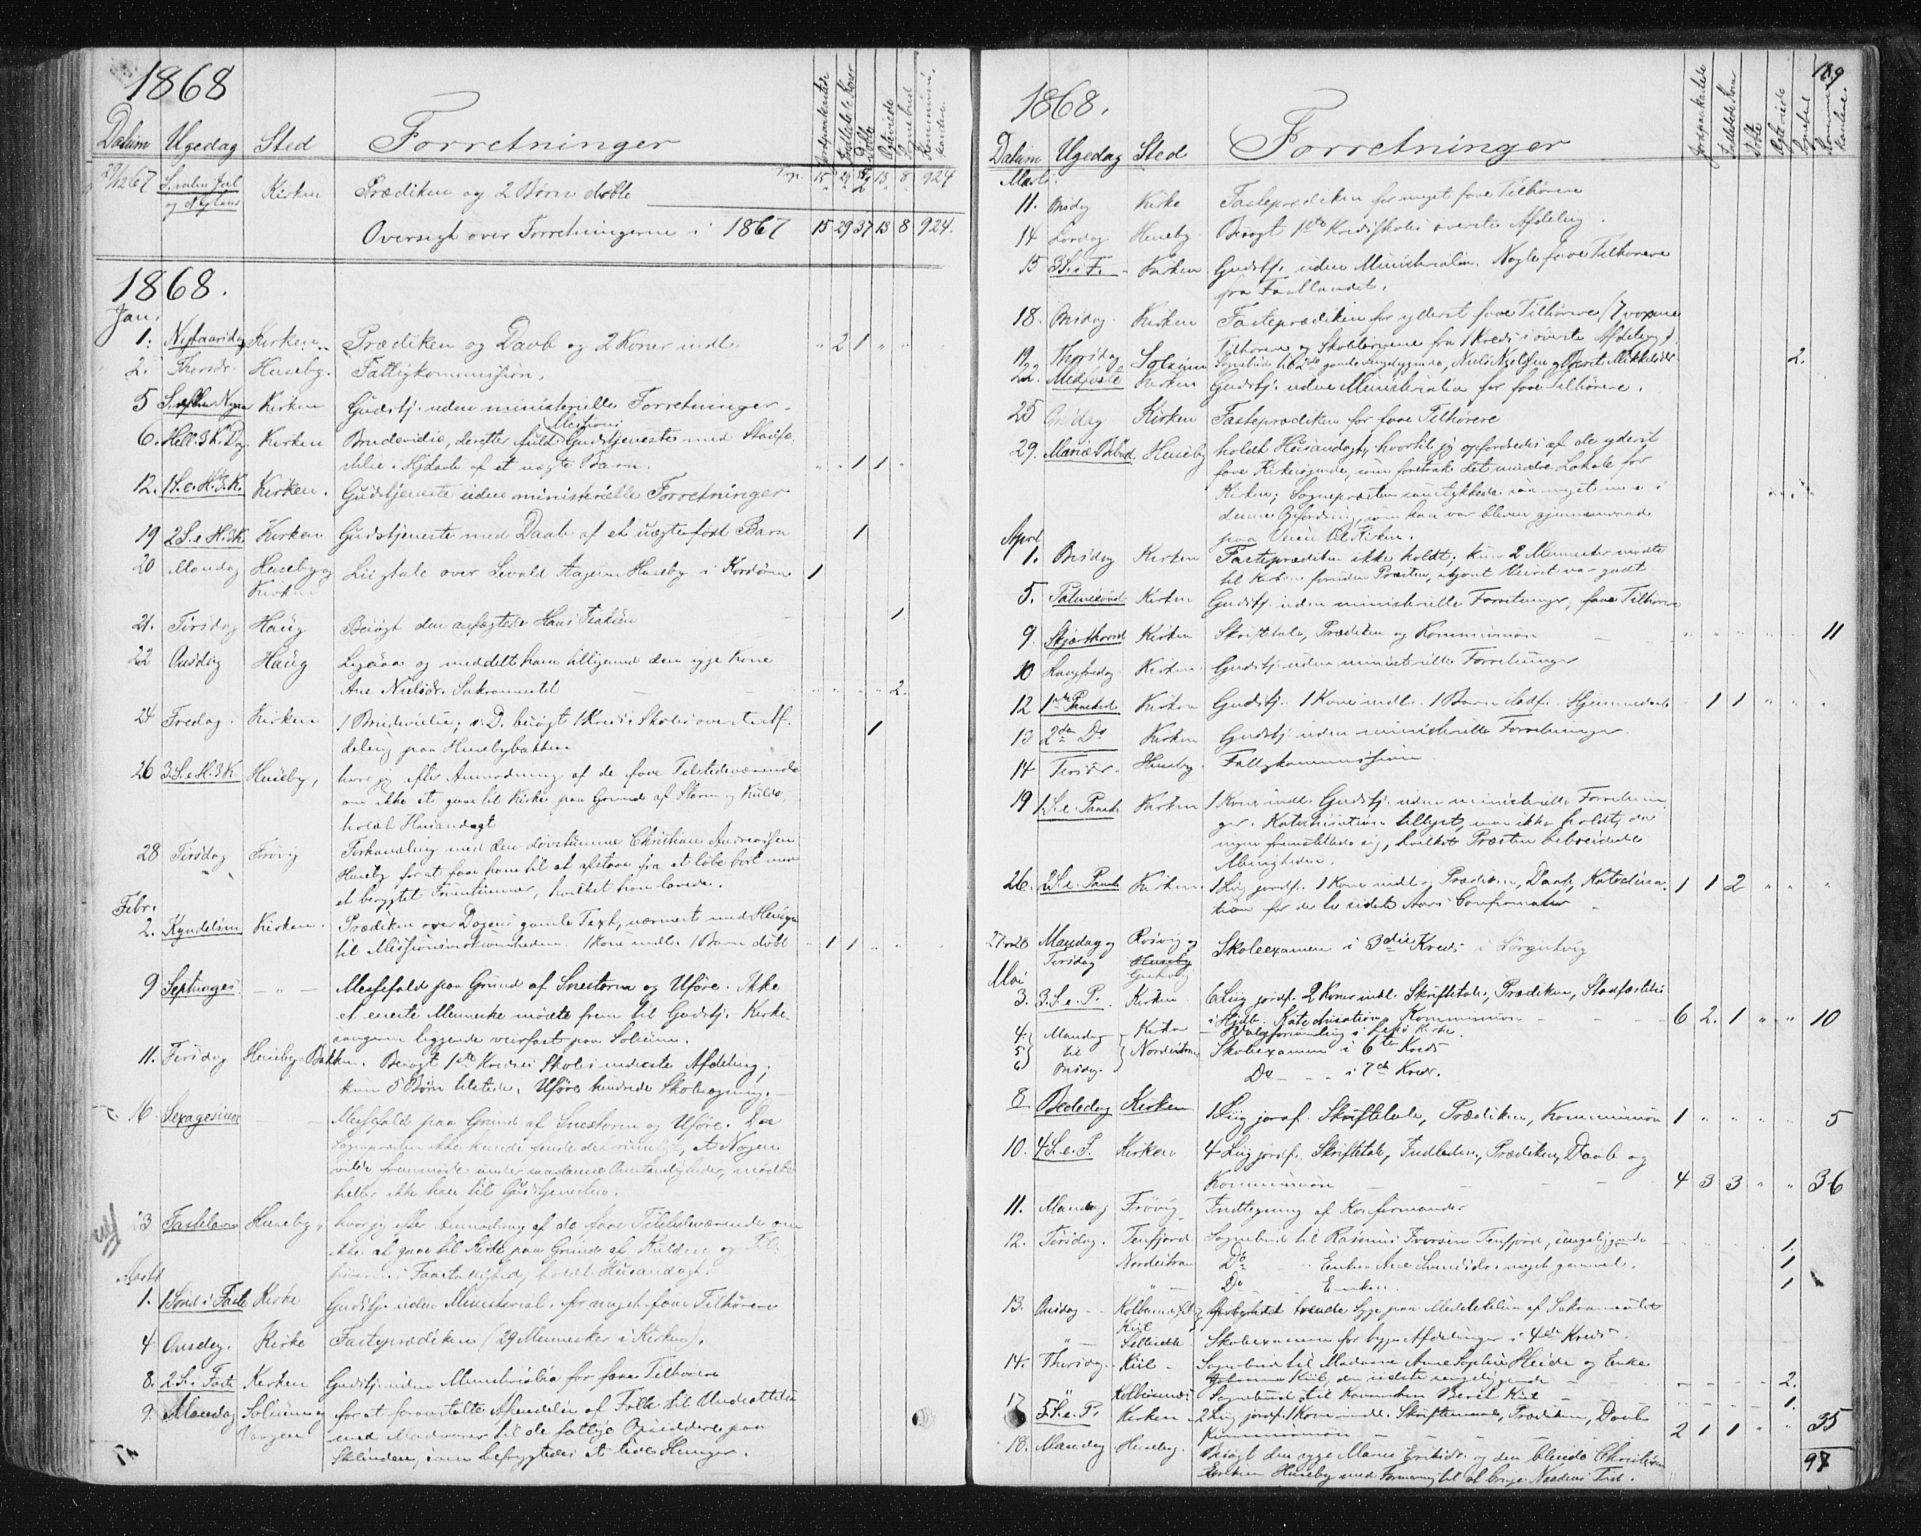 SAT, Ministerialprotokoller, klokkerbøker og fødselsregistre - Nord-Trøndelag, 788/L0696: Ministerialbok nr. 788A03, 1863-1877, s. 189